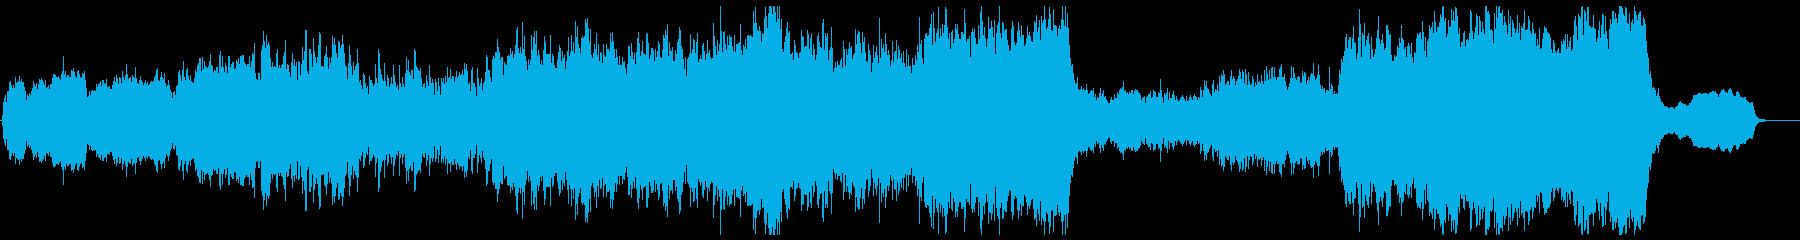 幻想的で壮大なオーケストラ(リズムアリ)の再生済みの波形